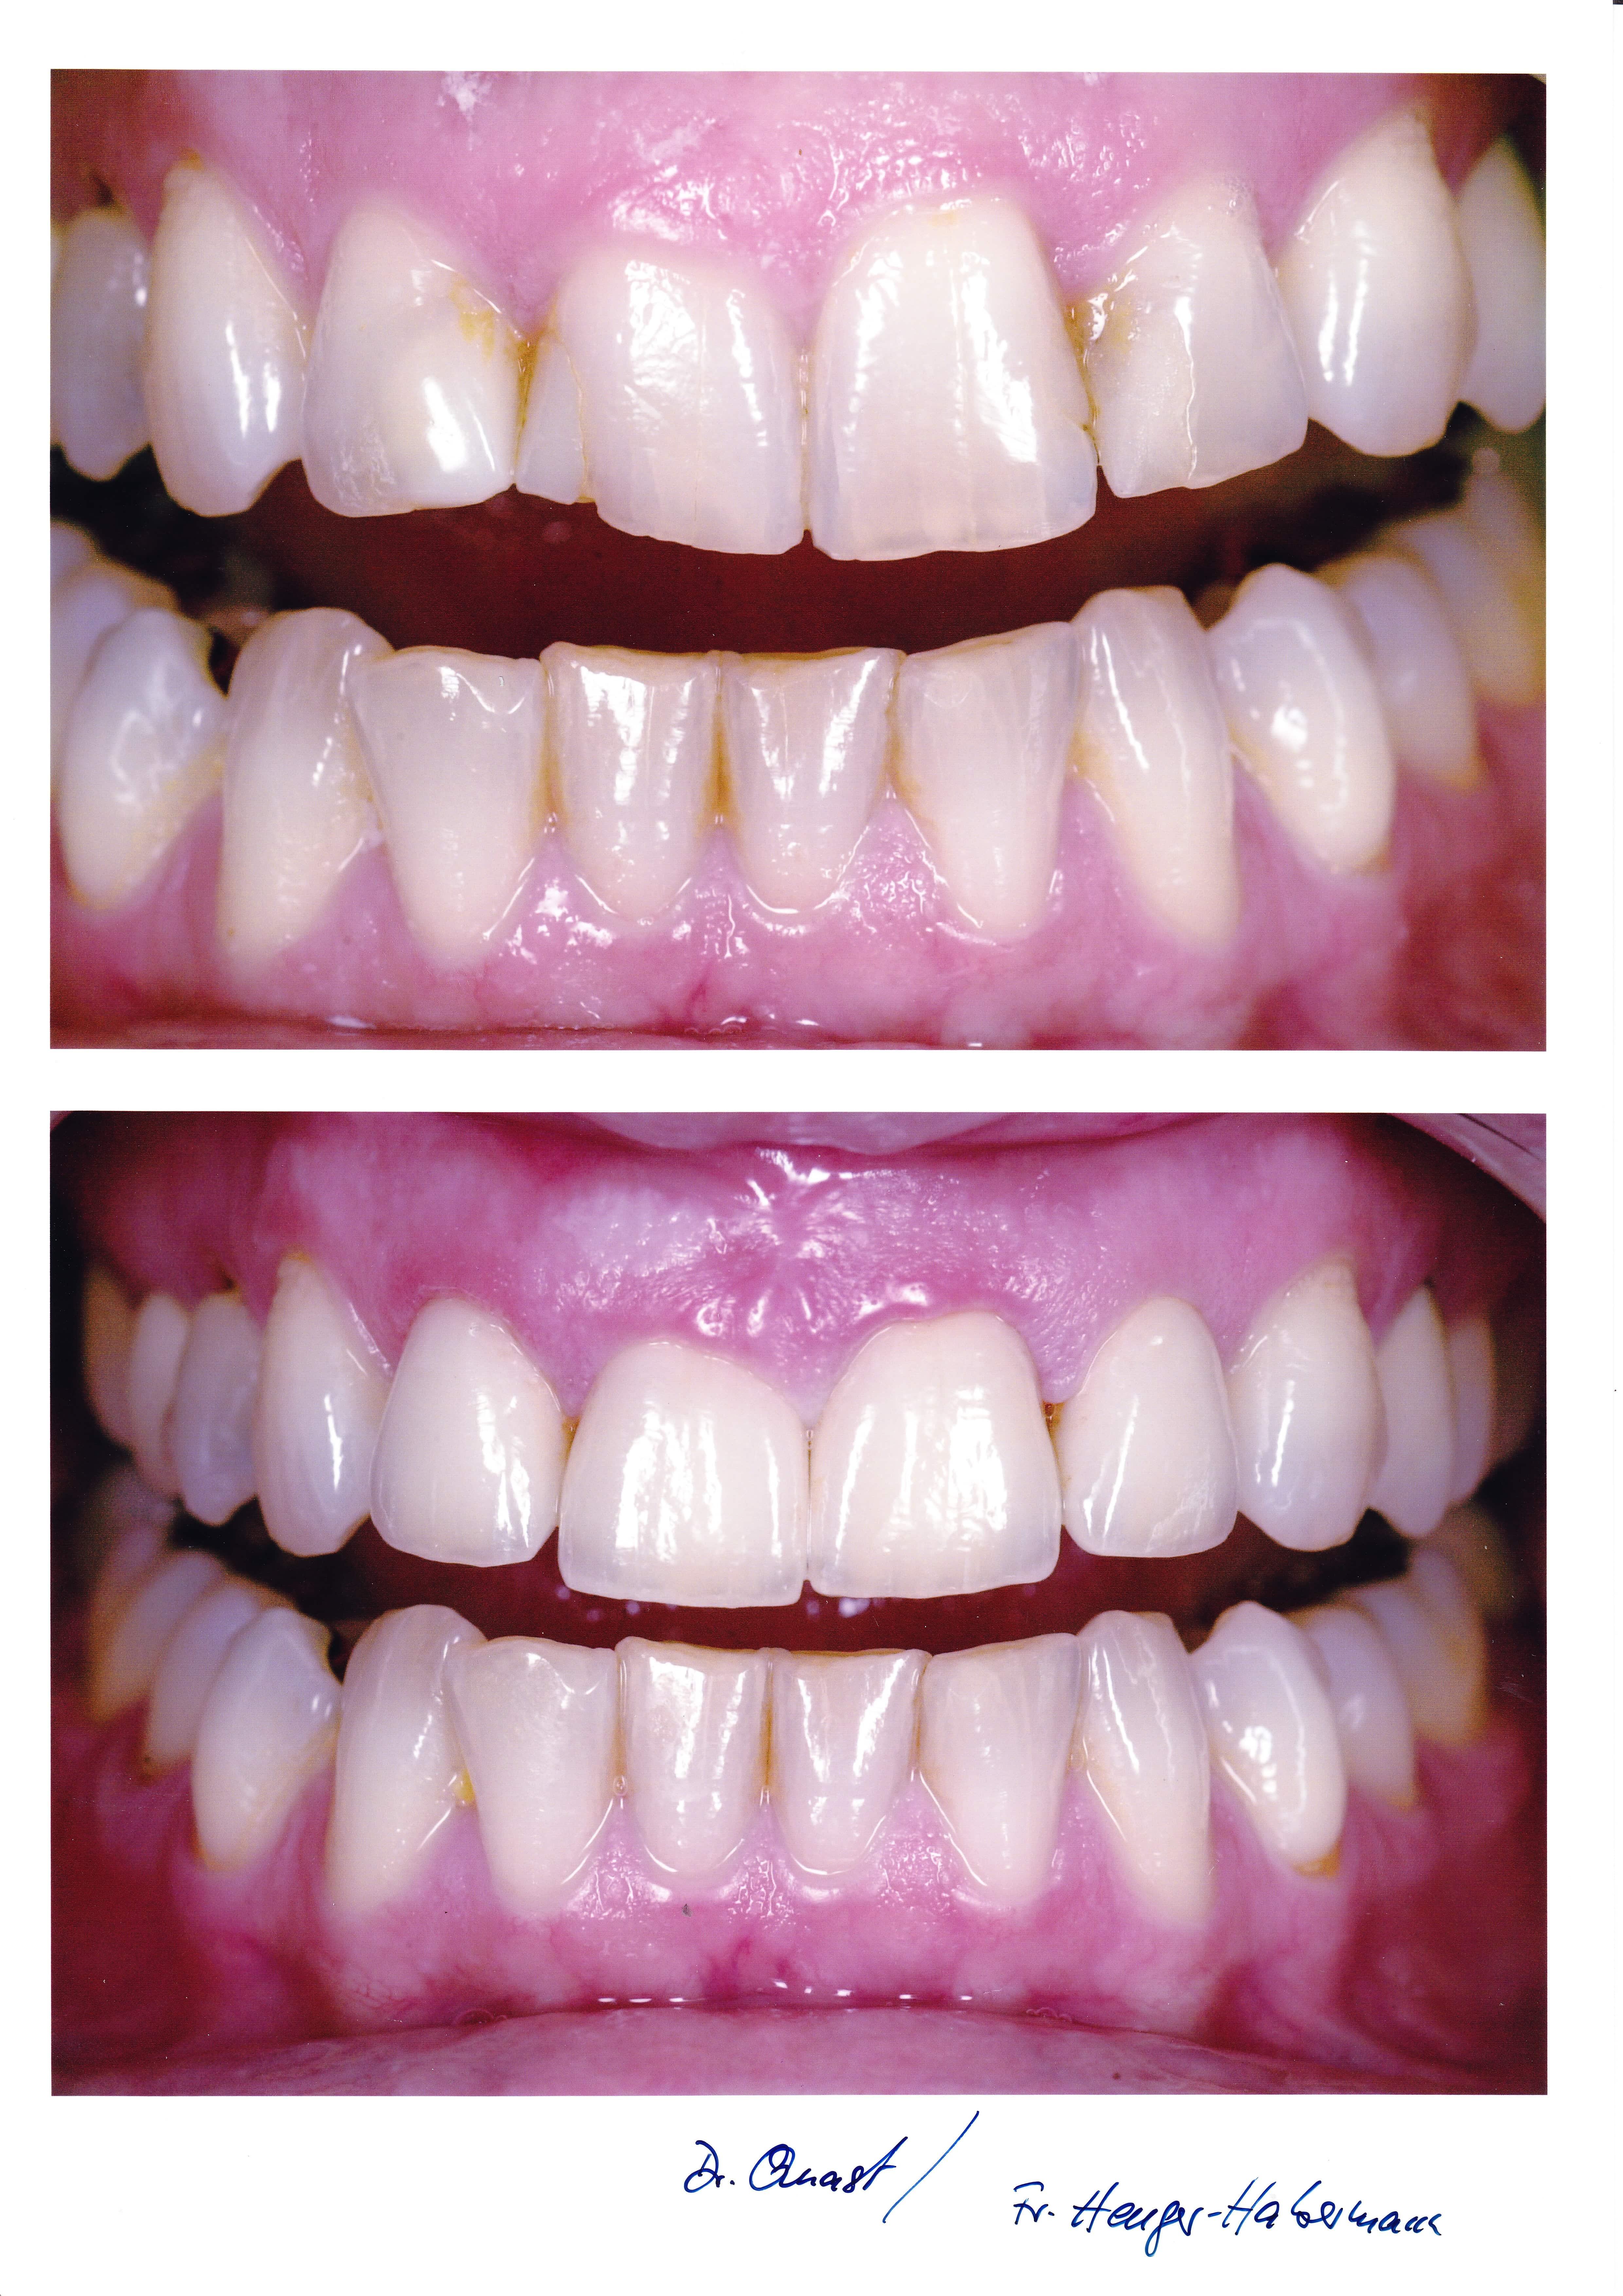 Zahnbleaching Bielefeld - endlich weiße Zähne und ein schönes Lächeln